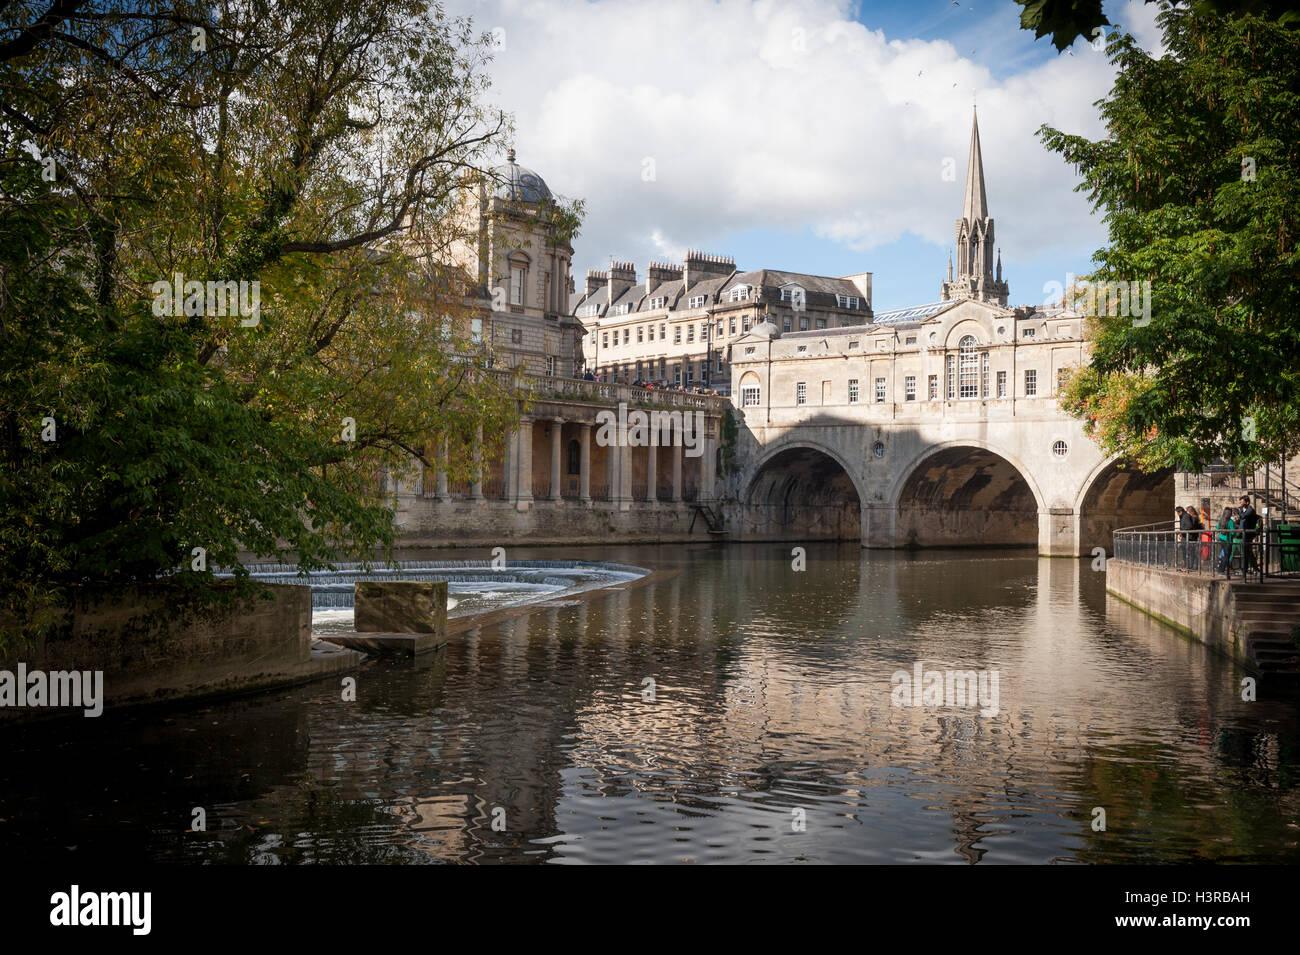 pulteney-bridge-bath-uk-H3RBAH.jpg